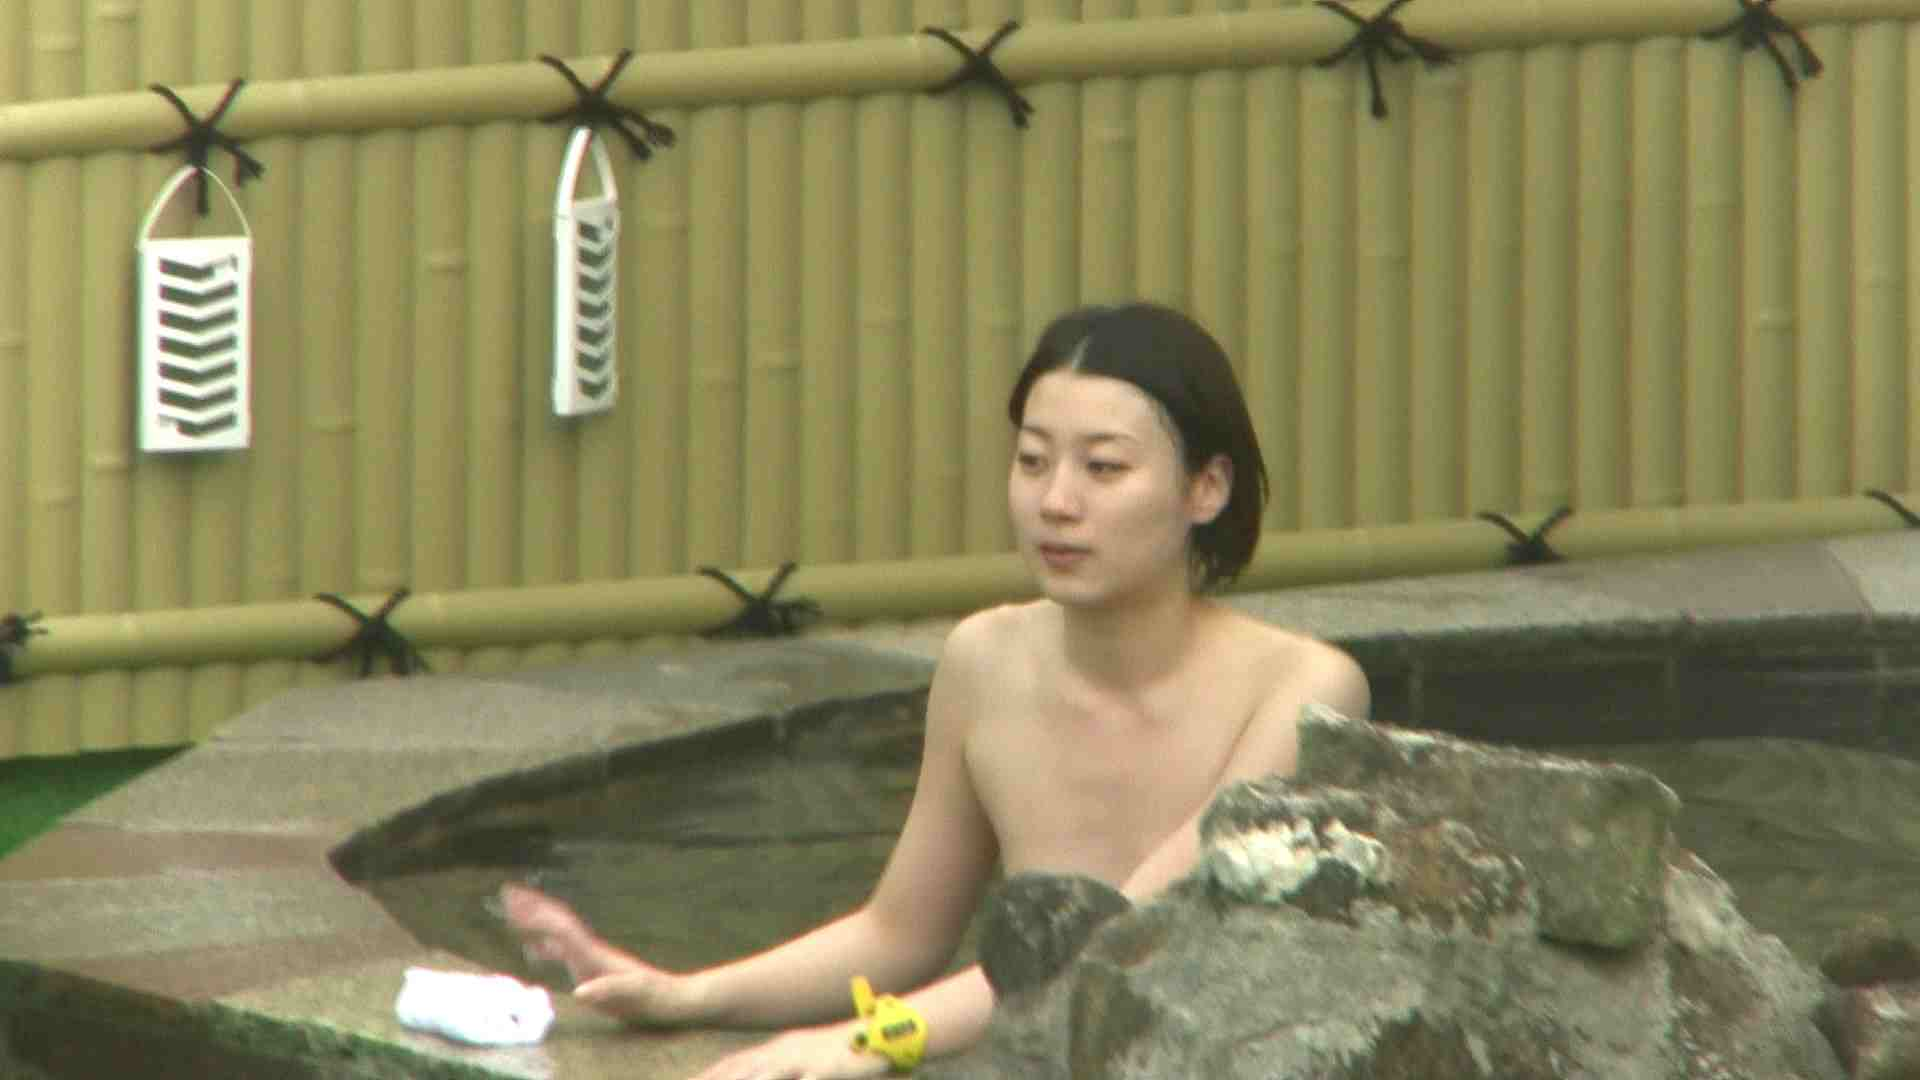 Aquaな露天風呂Vol.123 美しいOLの裸体  105pic 57